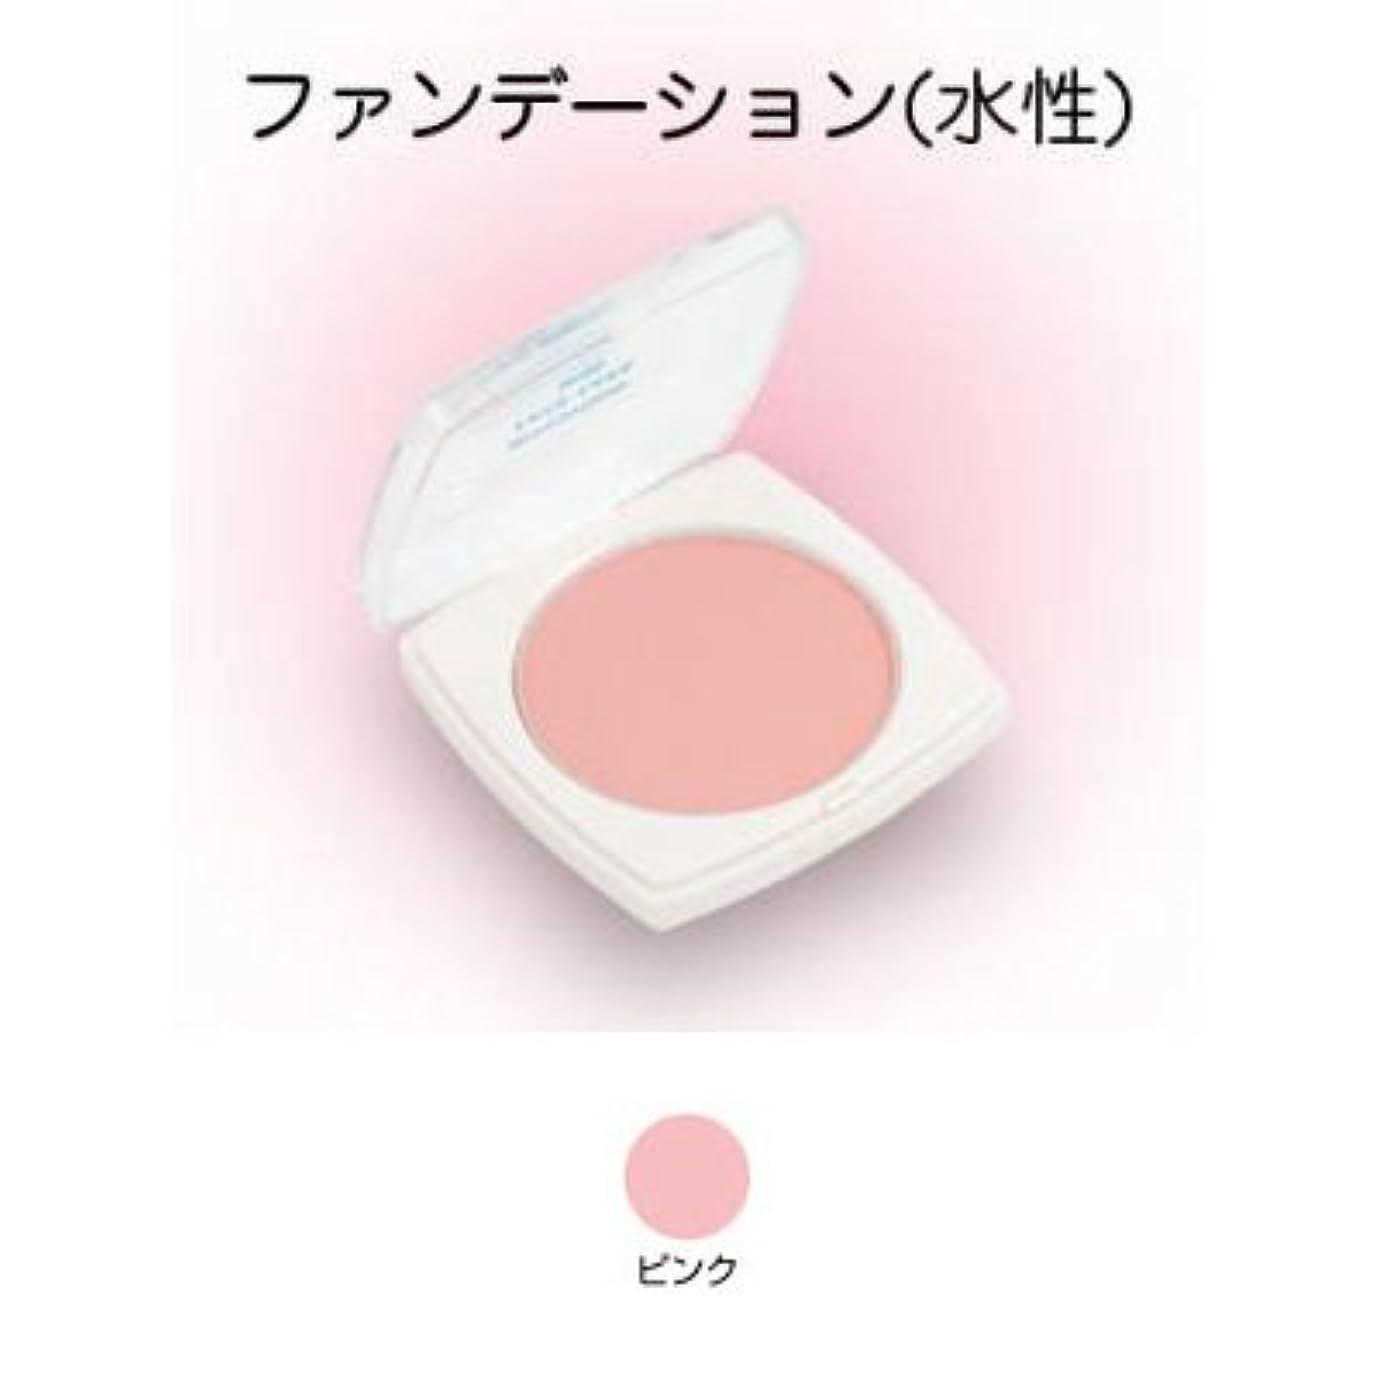 肘掛け椅子水素ジャンピングジャックフェースケーキ ミニ 17g ピンク 【三善】